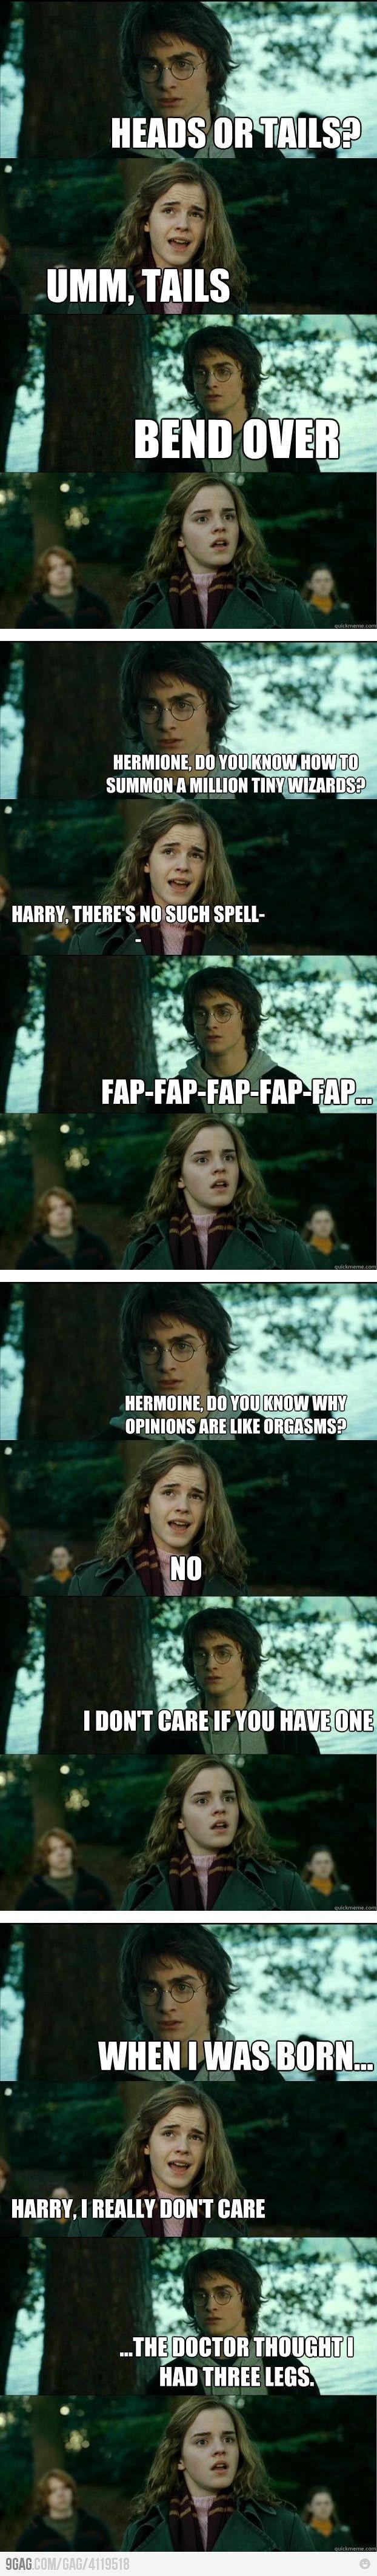 oh harry...: Potter Pick, Funny Random, Funny Boards, Hahahah Funny, Dirty Harry, Funny Stuff, Harry Potter, So Funny, Horni Harry